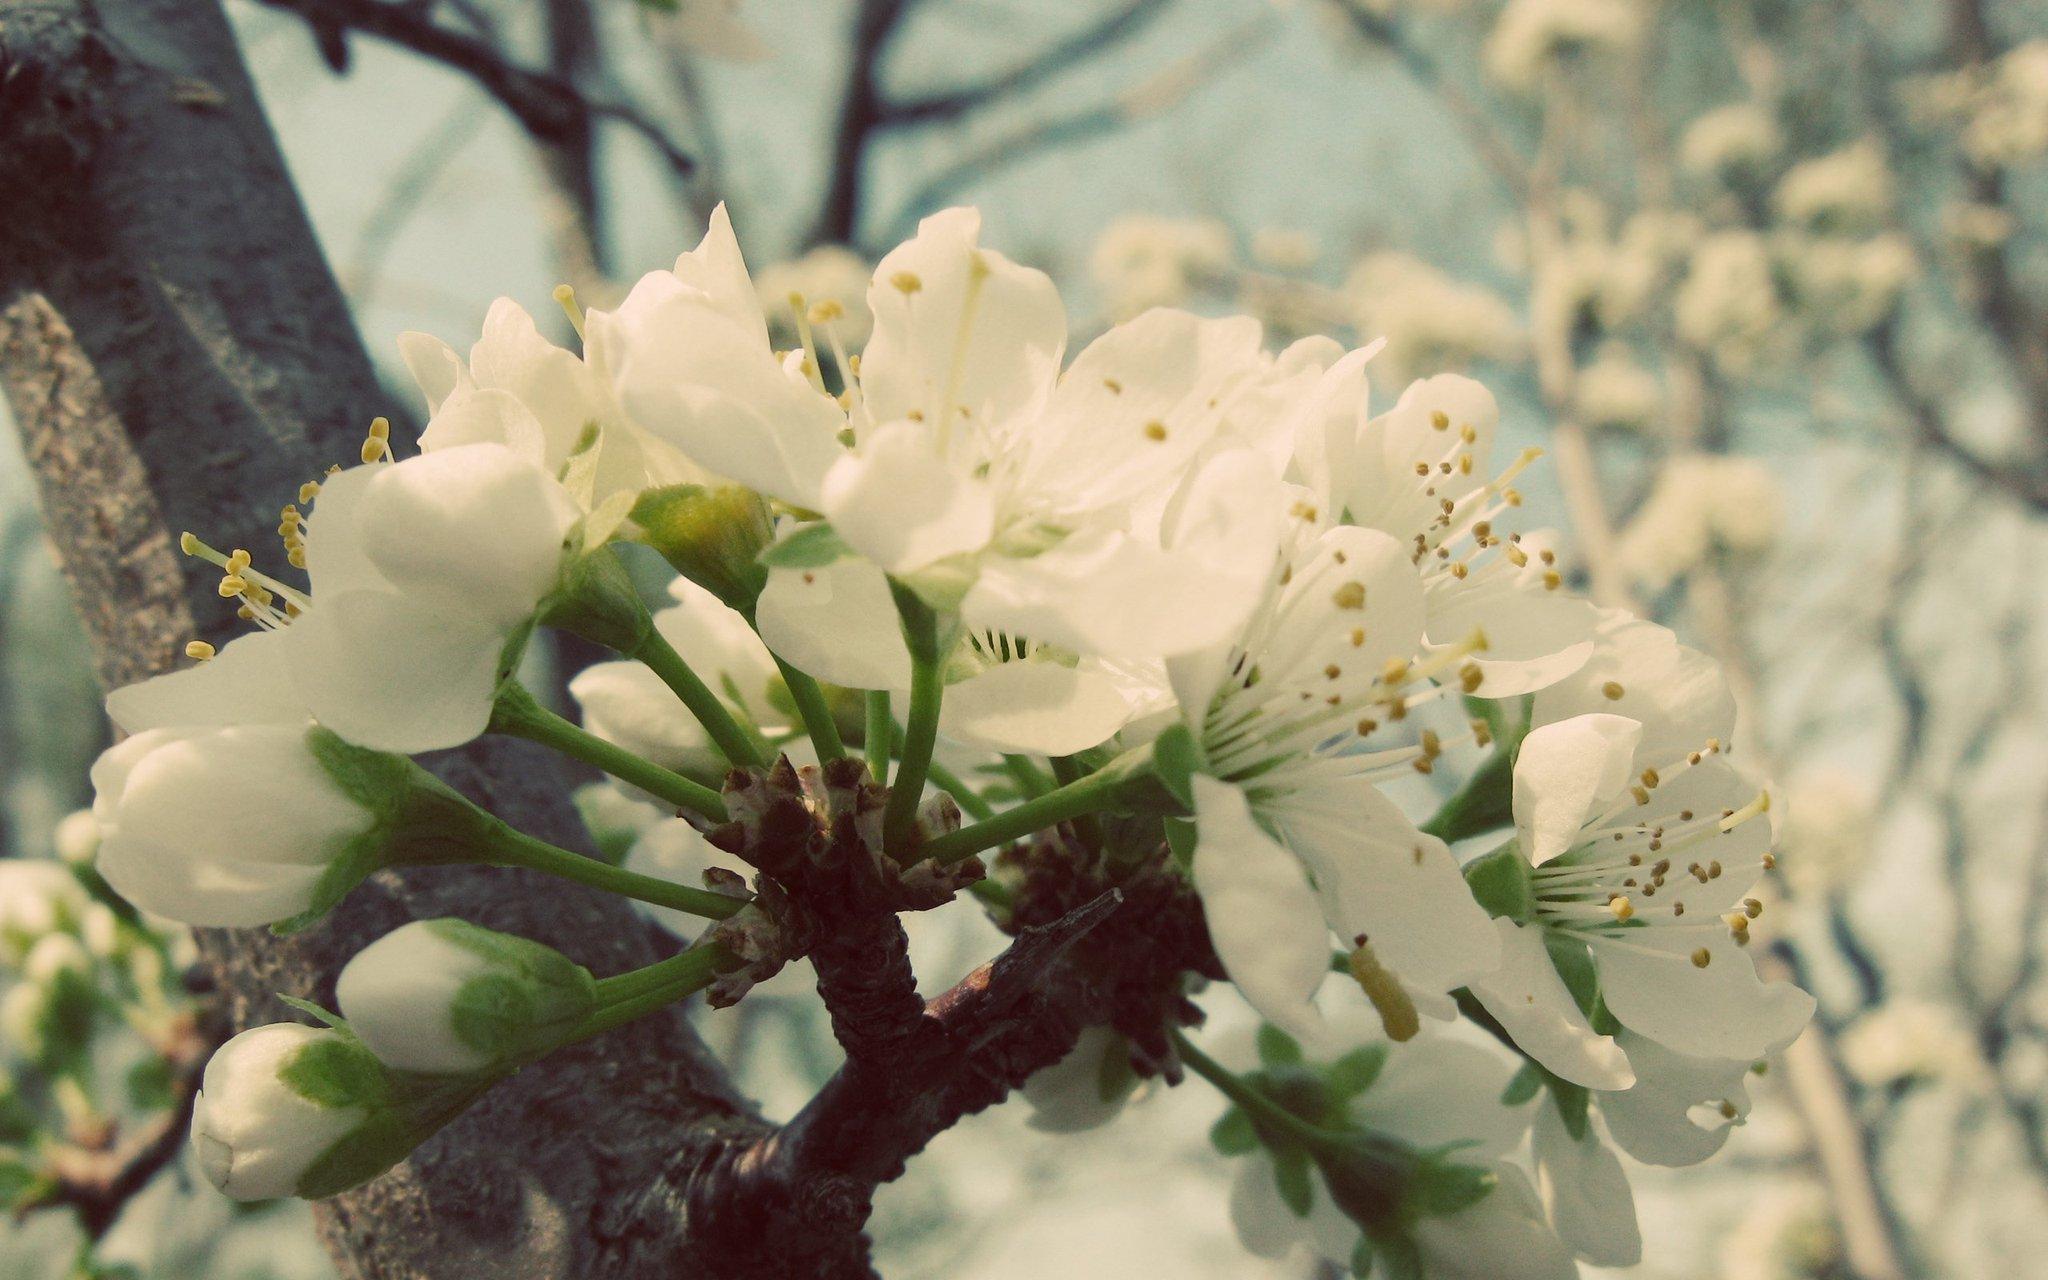 красивые картинки весна на рабочий стол широкоформатные это самое сочетание